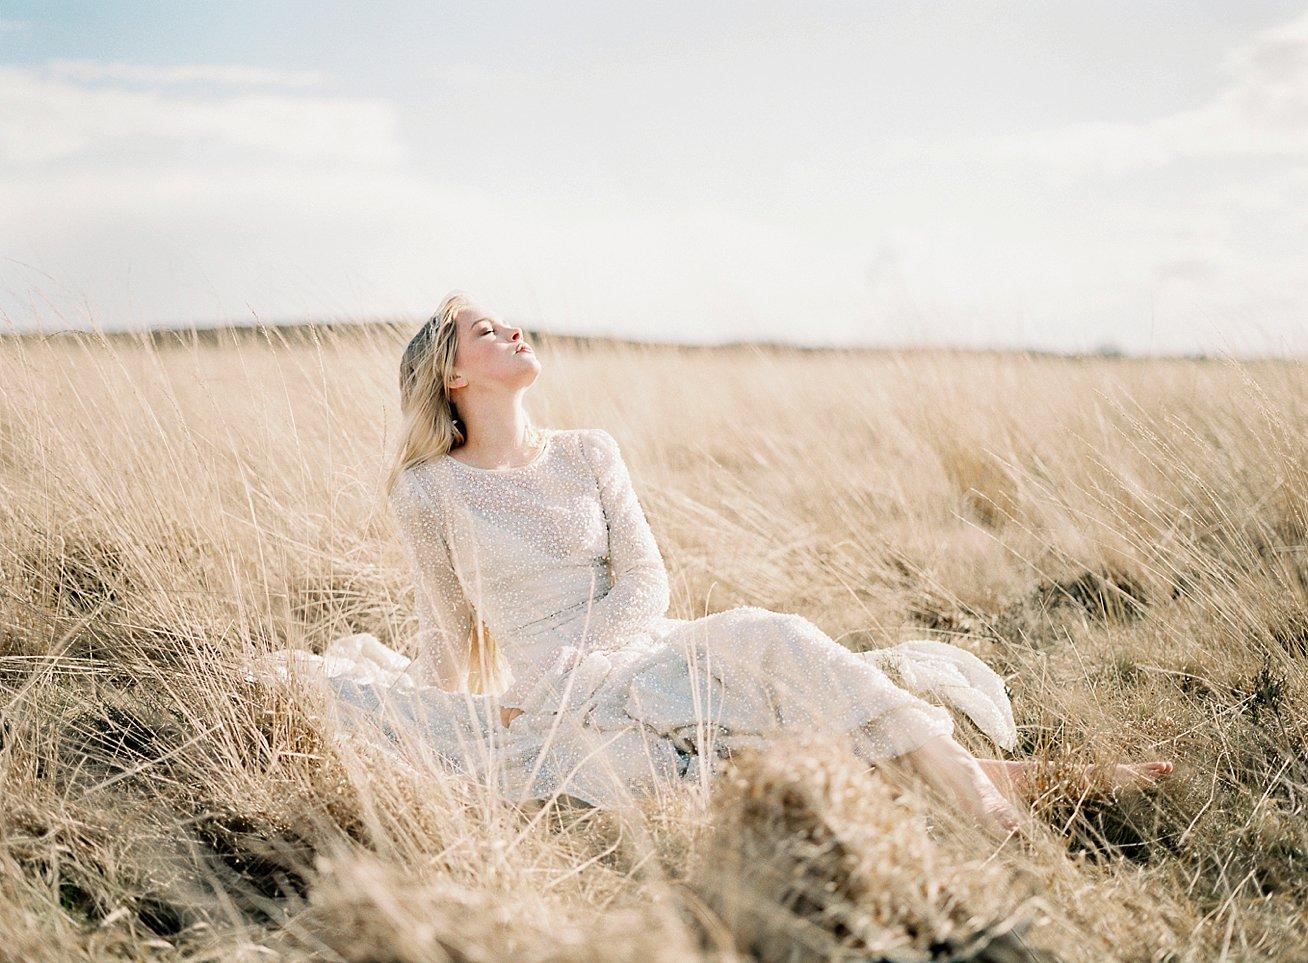 Amanda-Drost-modefotograaf-fashion-photography-editorial-odylyne-weddingdress_0002.jpg